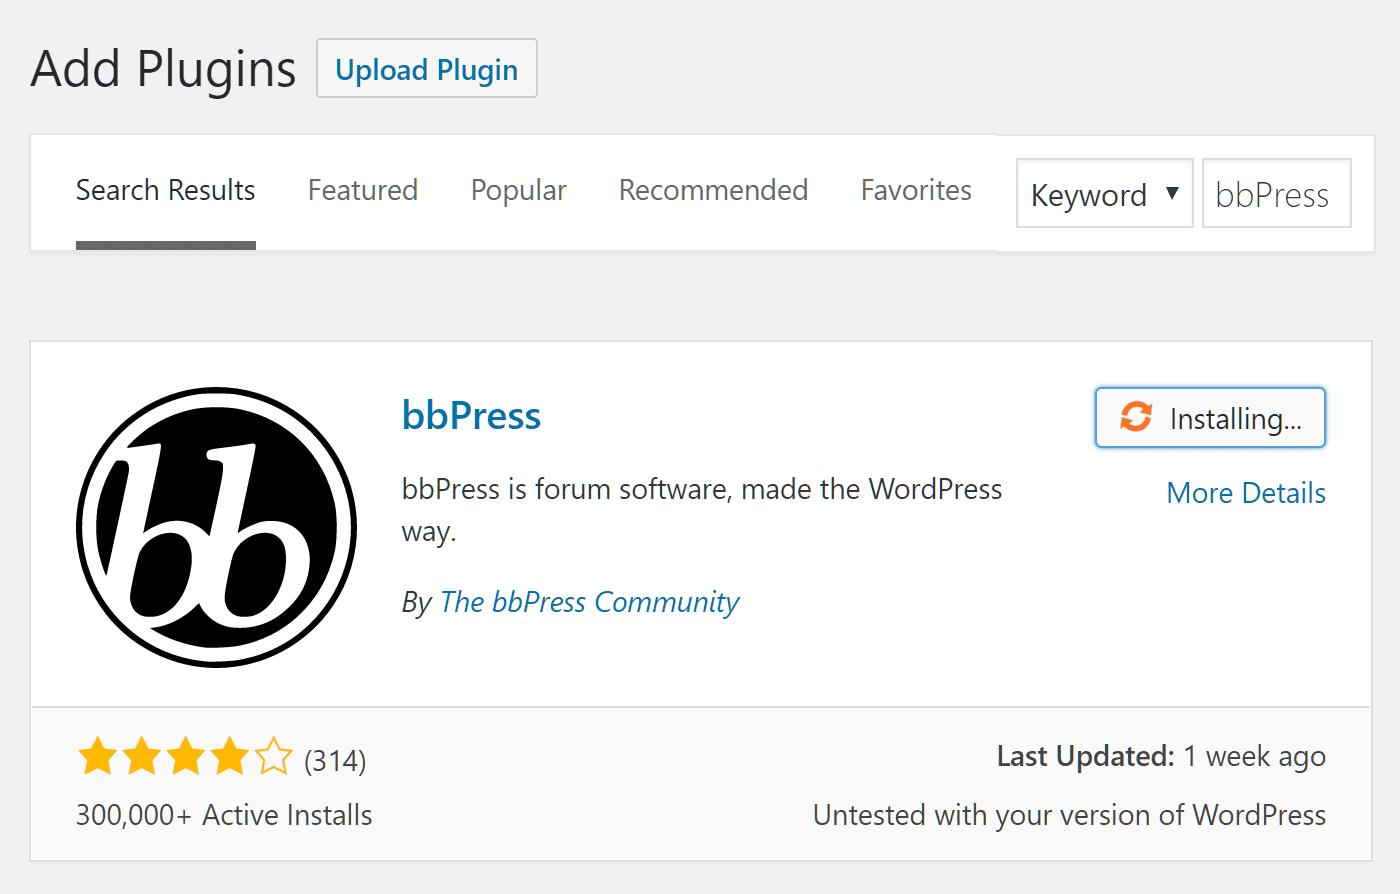 Add the bbPress Plugin